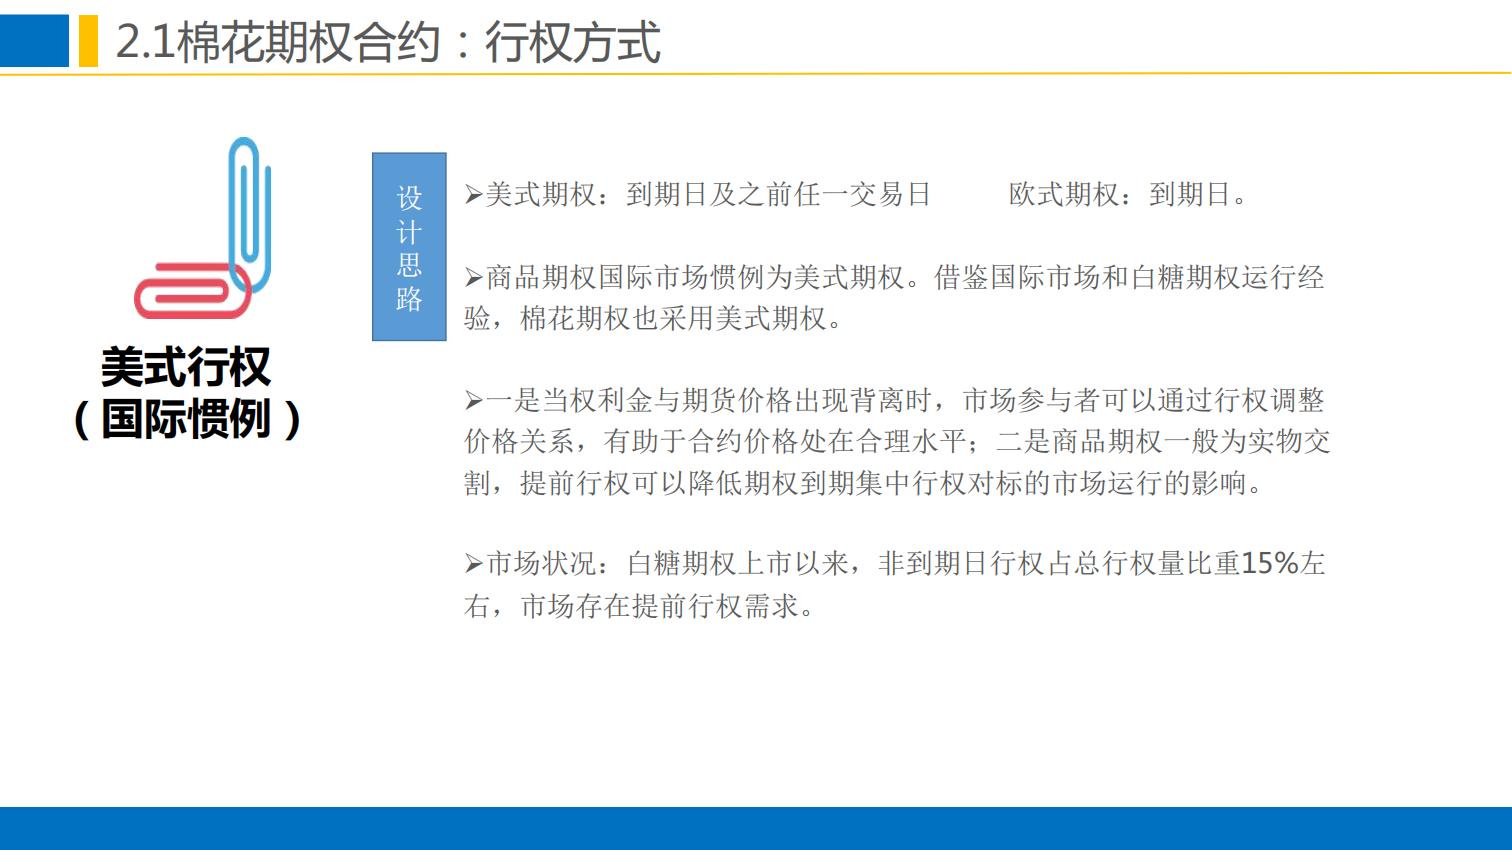 晨会:郑商所培训分享-棉花期权合约规则与上市工作安排0111.pdfx_15.png